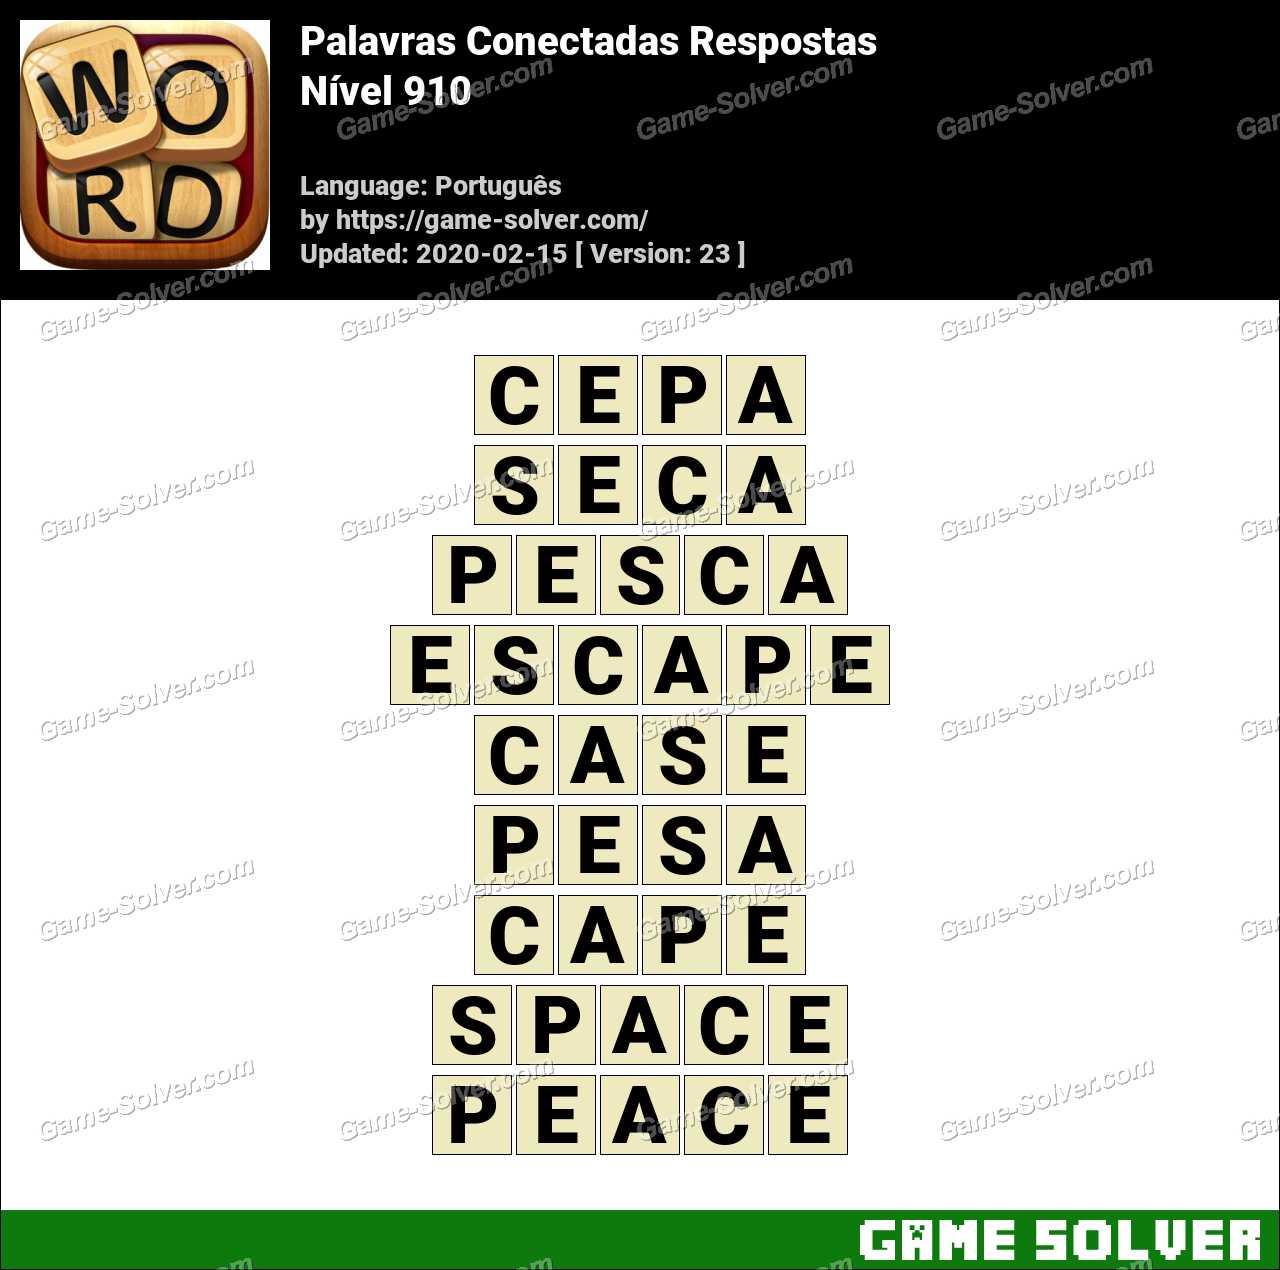 Palavras Conectadas Nivel 910 Respostas